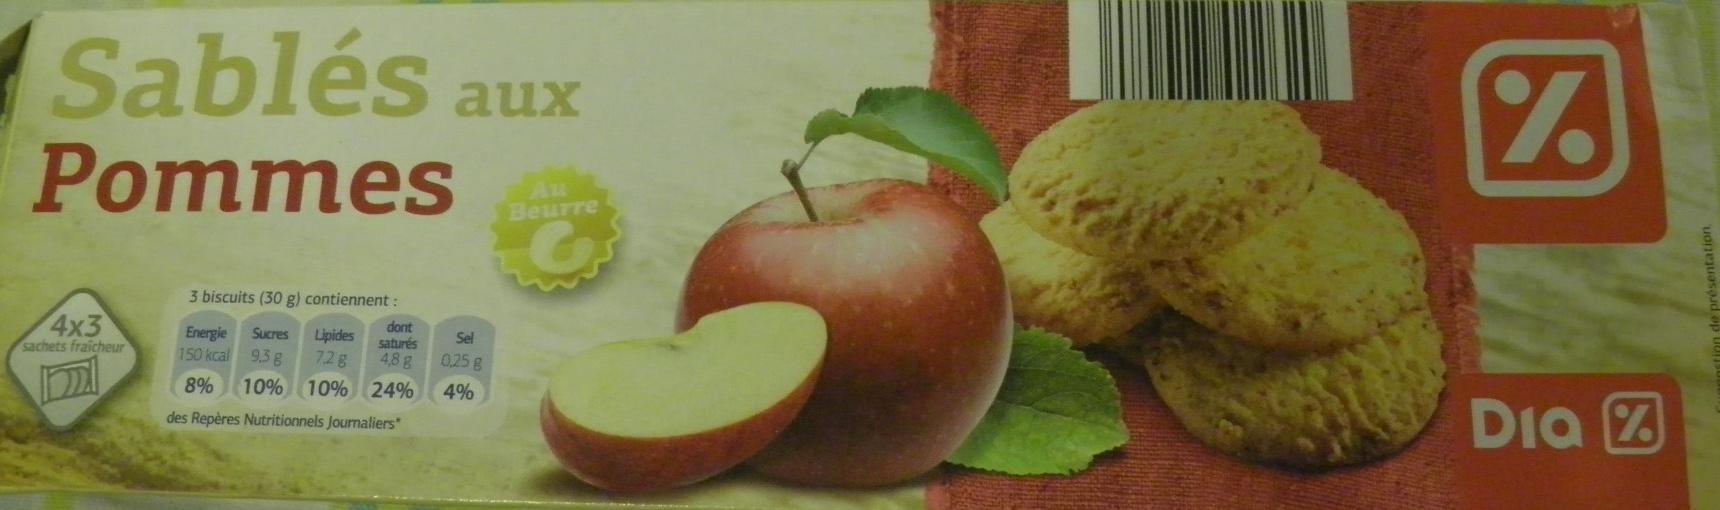 Sablés aux pommes - Produit